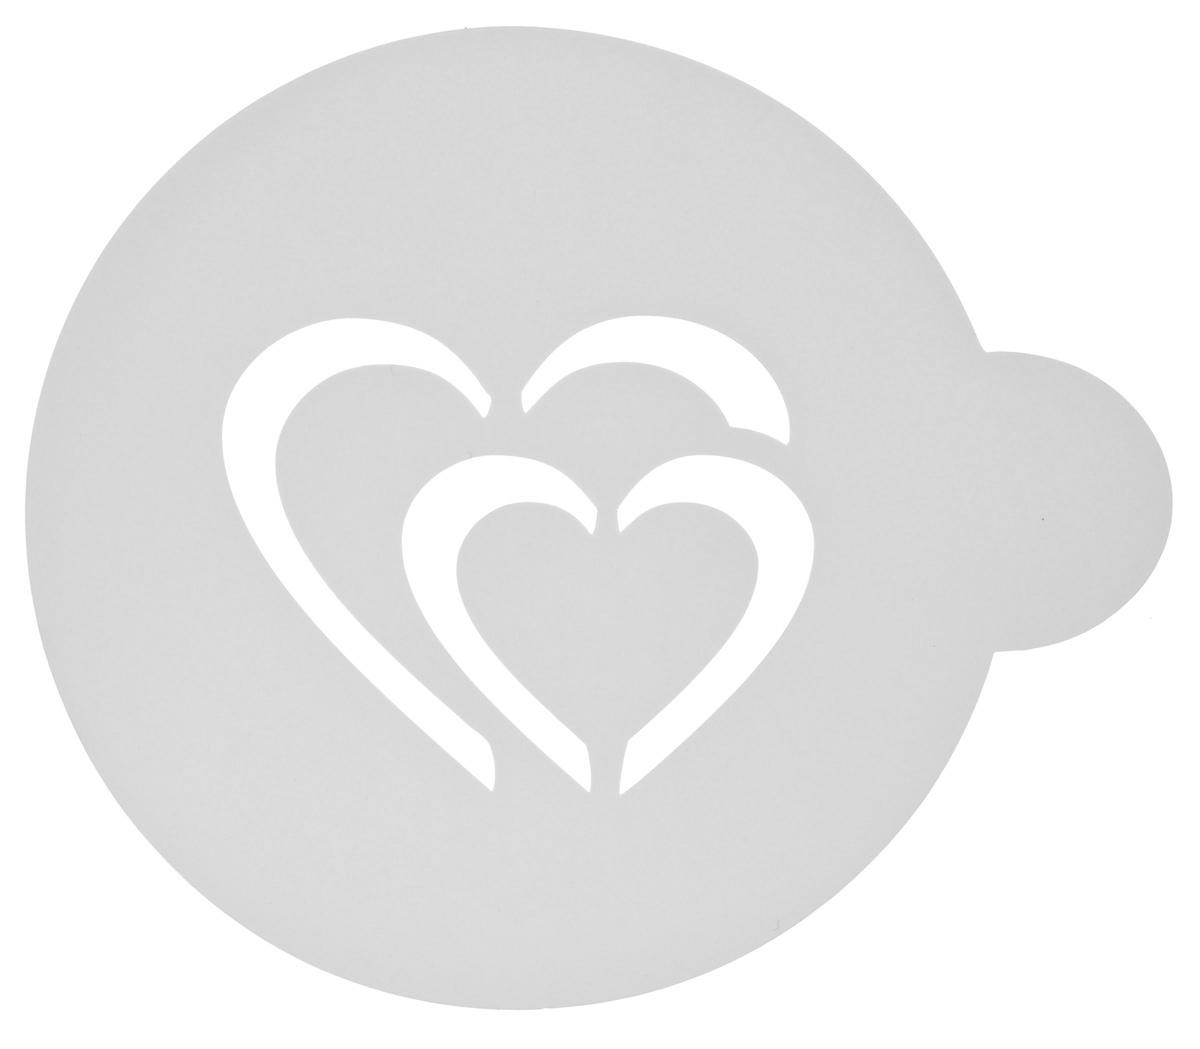 Трафарет на кофе и десерты Леденцовая фабрика Сердце двойное, цвет: белый, диаметр 10 смТ016Трафарет Леденцовая фабрика Сердце двойное представляет собой пластину с прорезями, через которые пищевая краска (сахарная пудра, какао, шоколад, сливки, корица, дробленый орех) наносится на поверхность кофе, молочных коктейлей, десертов. Изделие изготовлено из матового пищевого пластика 250 мкм и пригодно для контакта с пищевыми продуктами. Трафарет многоразовый. Побалуйте себя и ваших близких красиво оформленным кофе. Диаметр трафарета: 10 см.